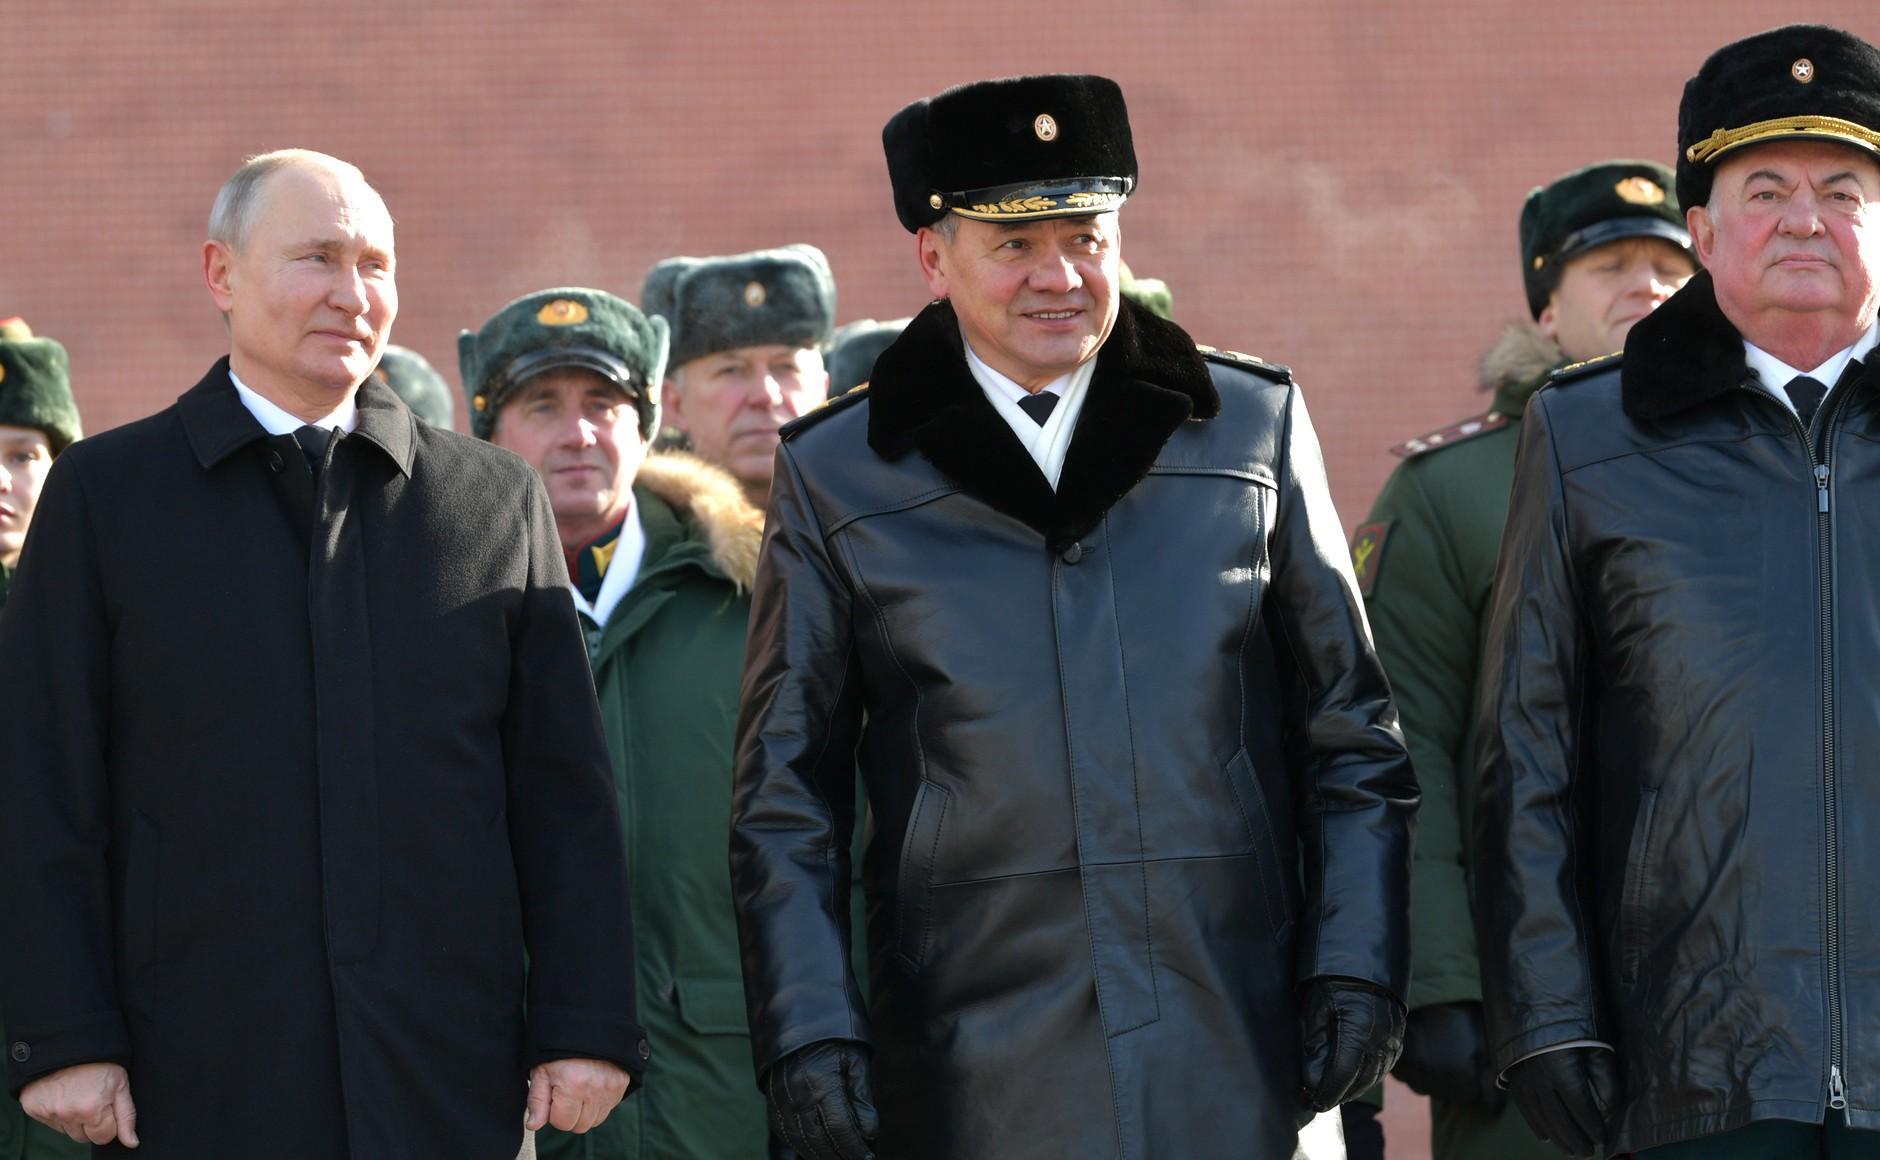 KREMLIN 6 WW 7 Le président a déposé une couronne sur la tombe du soldat inconnu à l'occasion de la Journée du défenseur de la patrie 23.02.2021